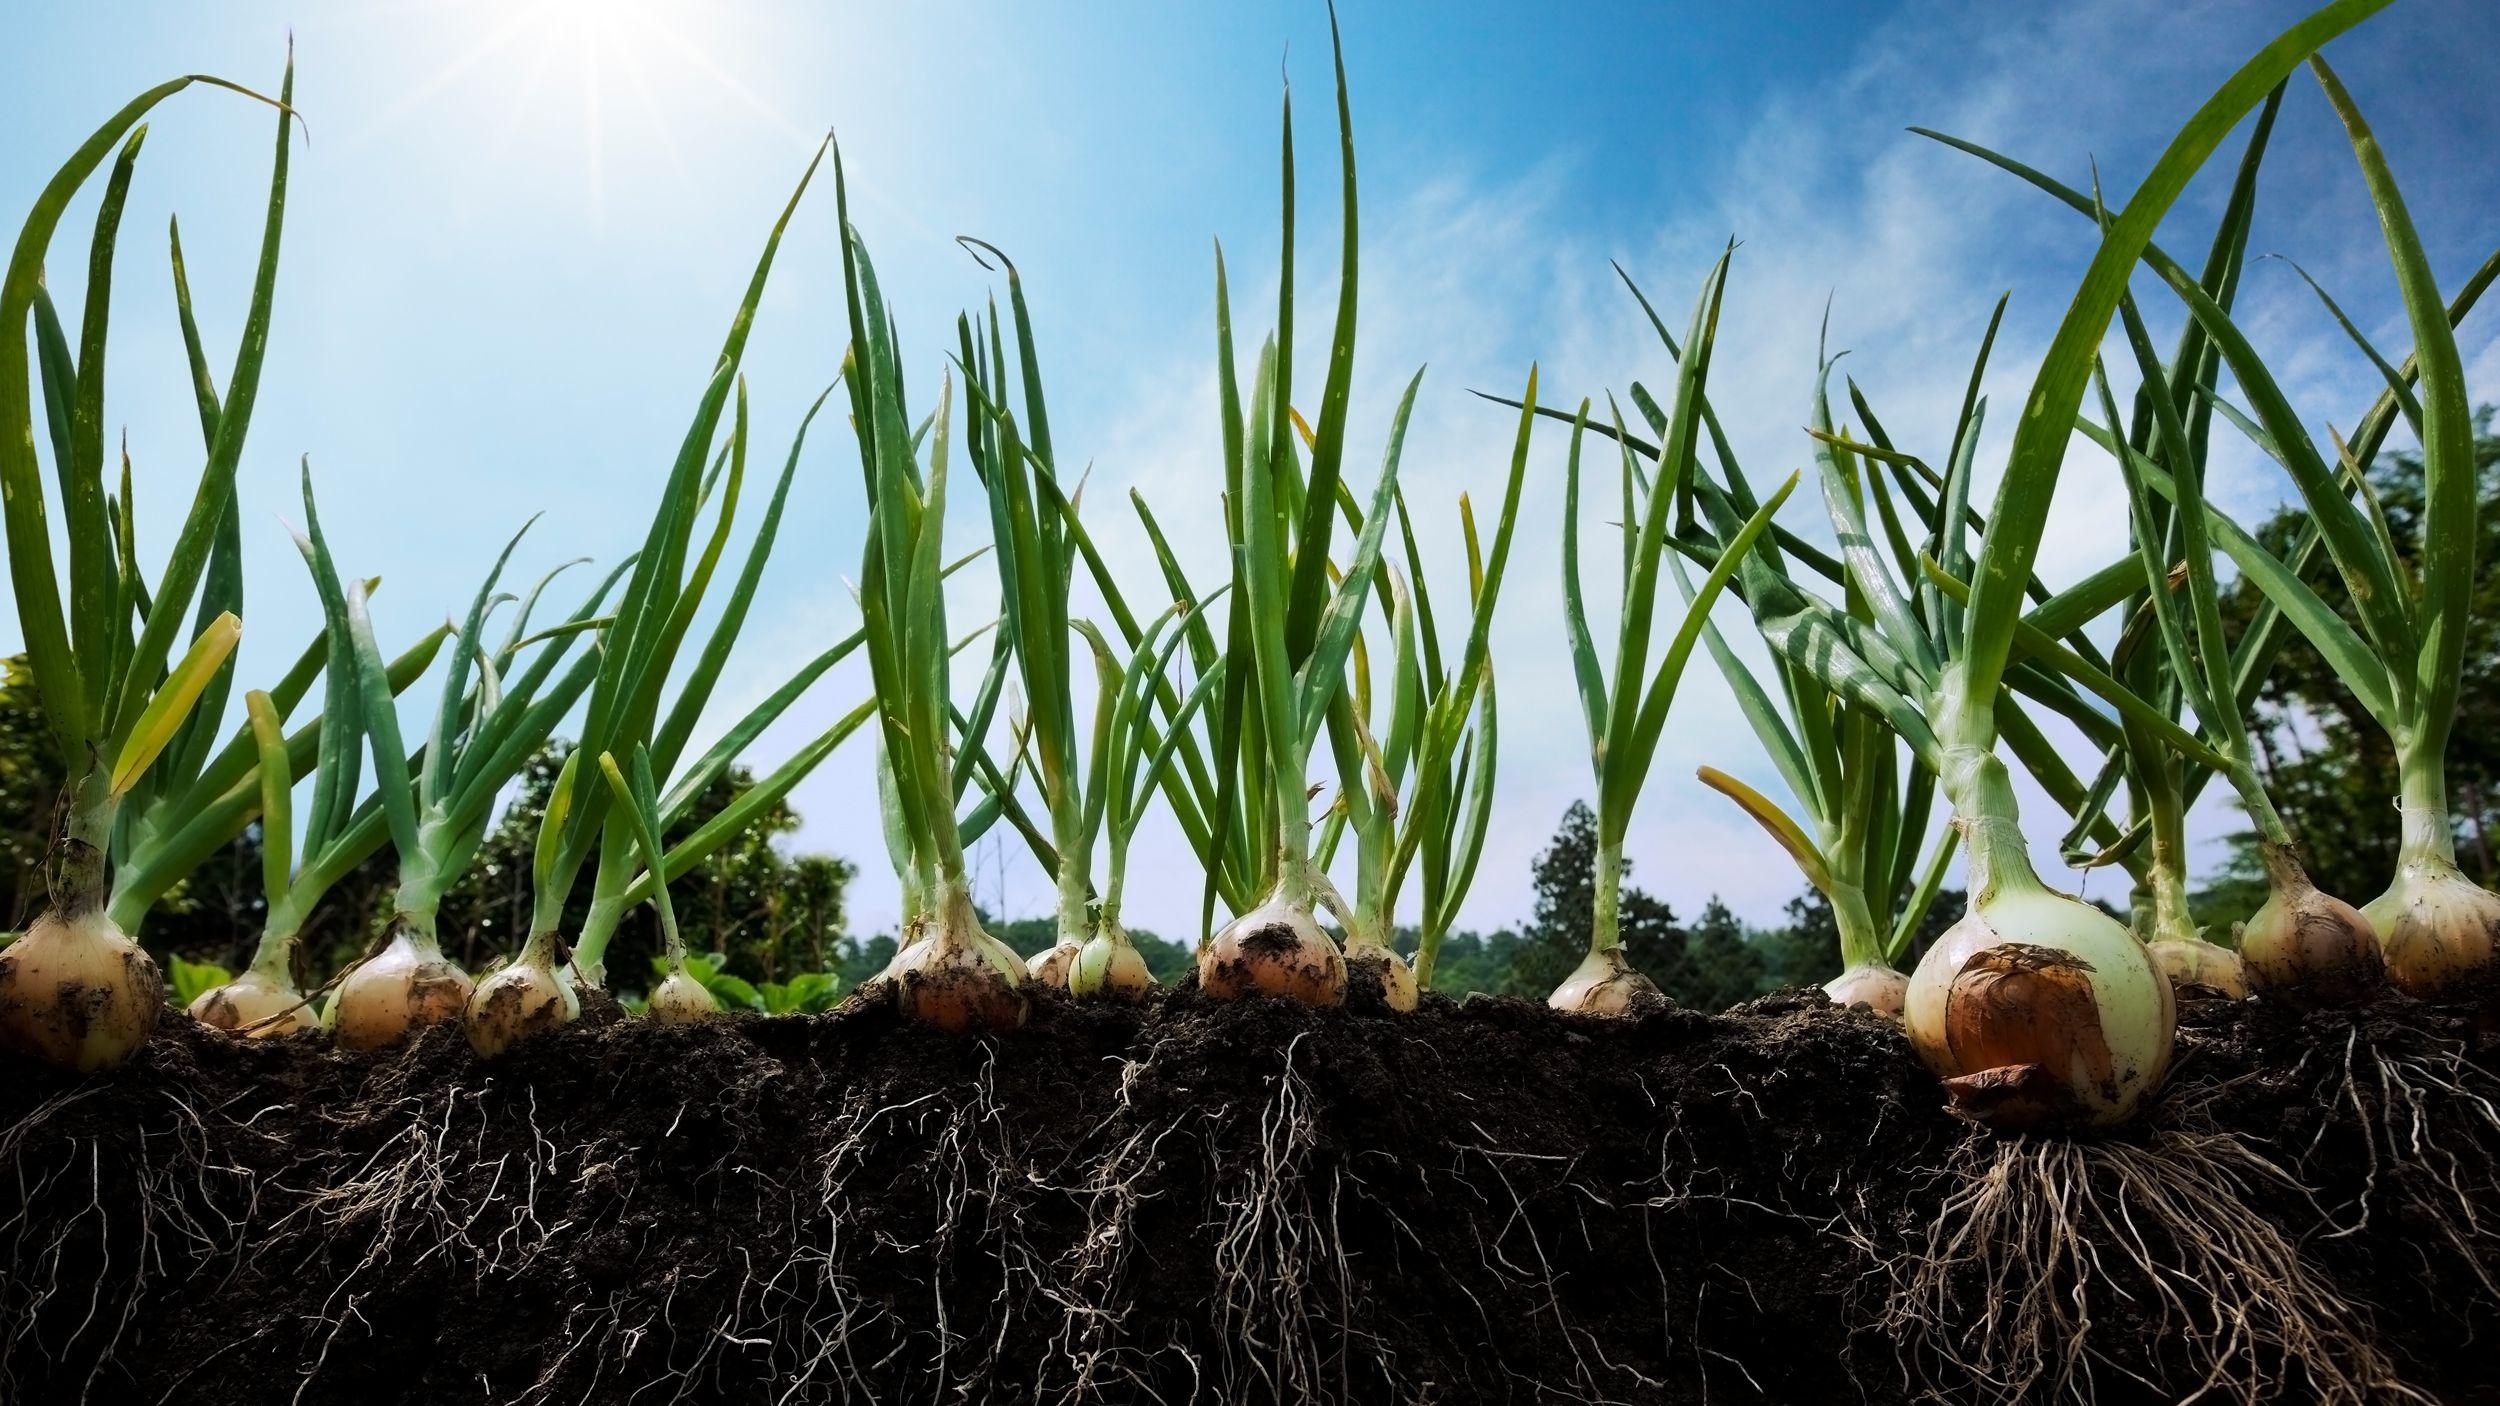 Лук сибирский репчатый однолетний: описание сорта, правила выращивания из севка и семян, уход за культурой, сбор и хранение урожая